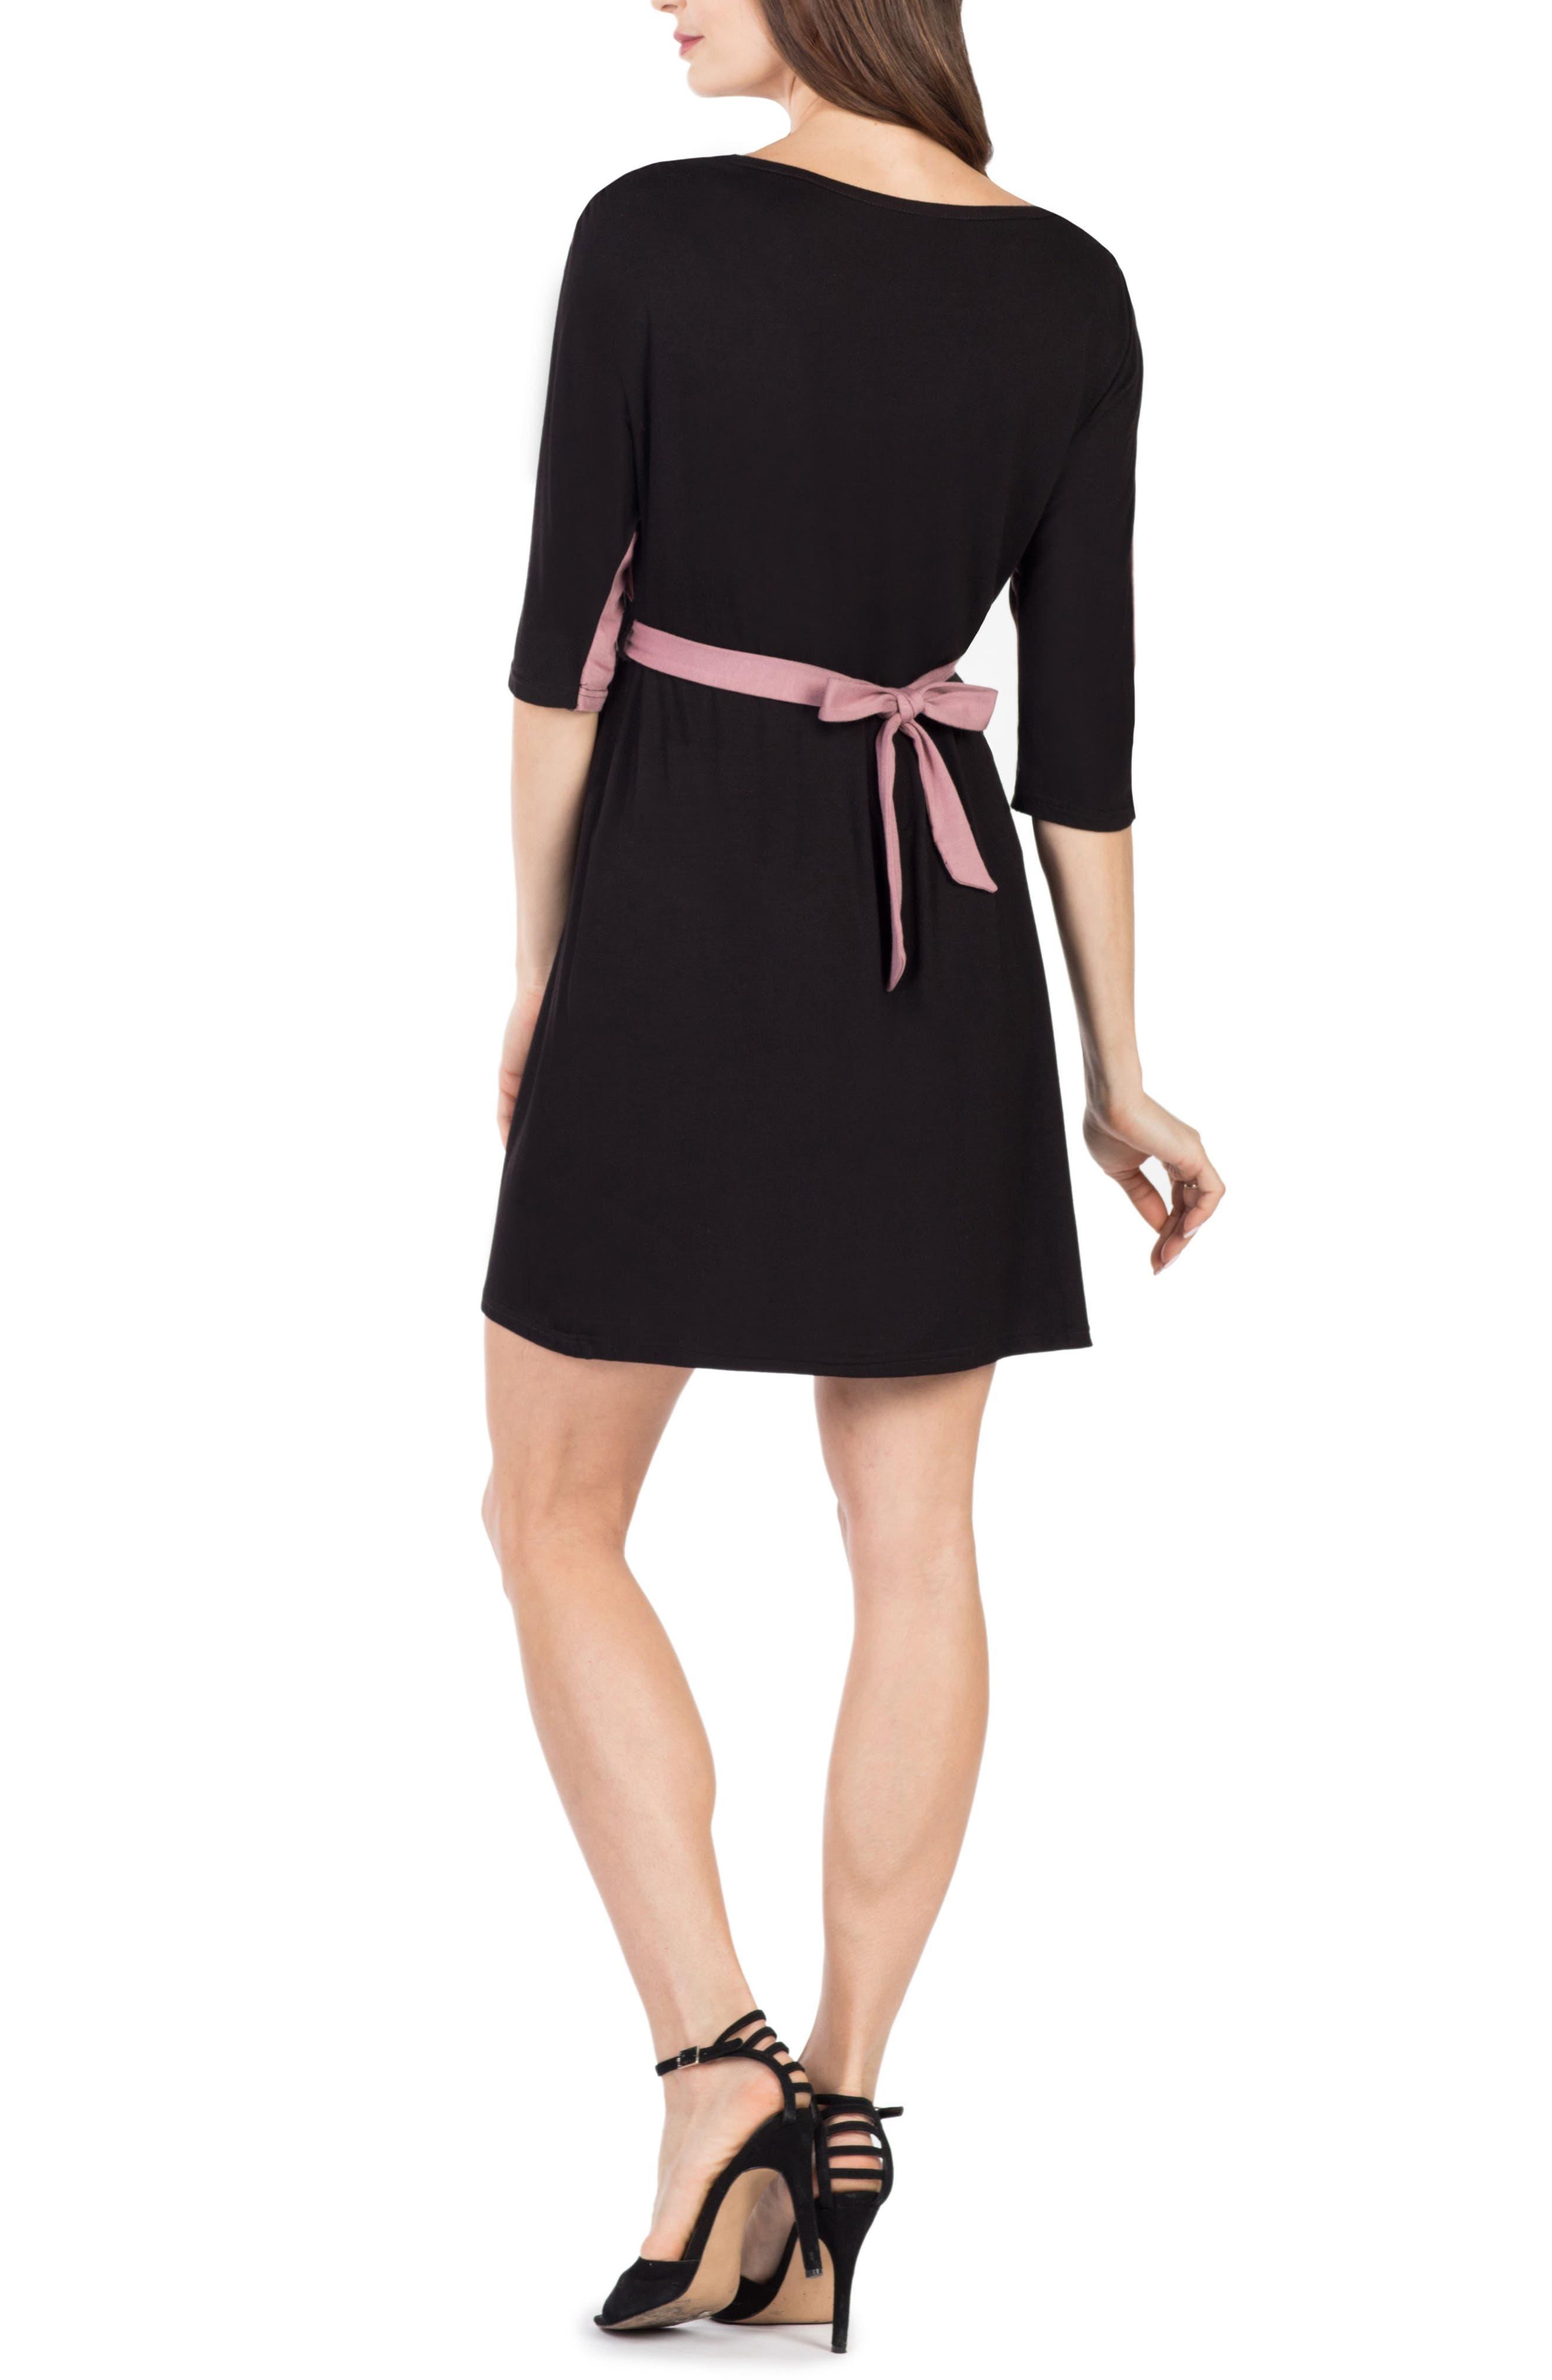 Siena Maternity/Nursing Dress,                             Alternate thumbnail 2, color,                             BLACK/ MAUVE